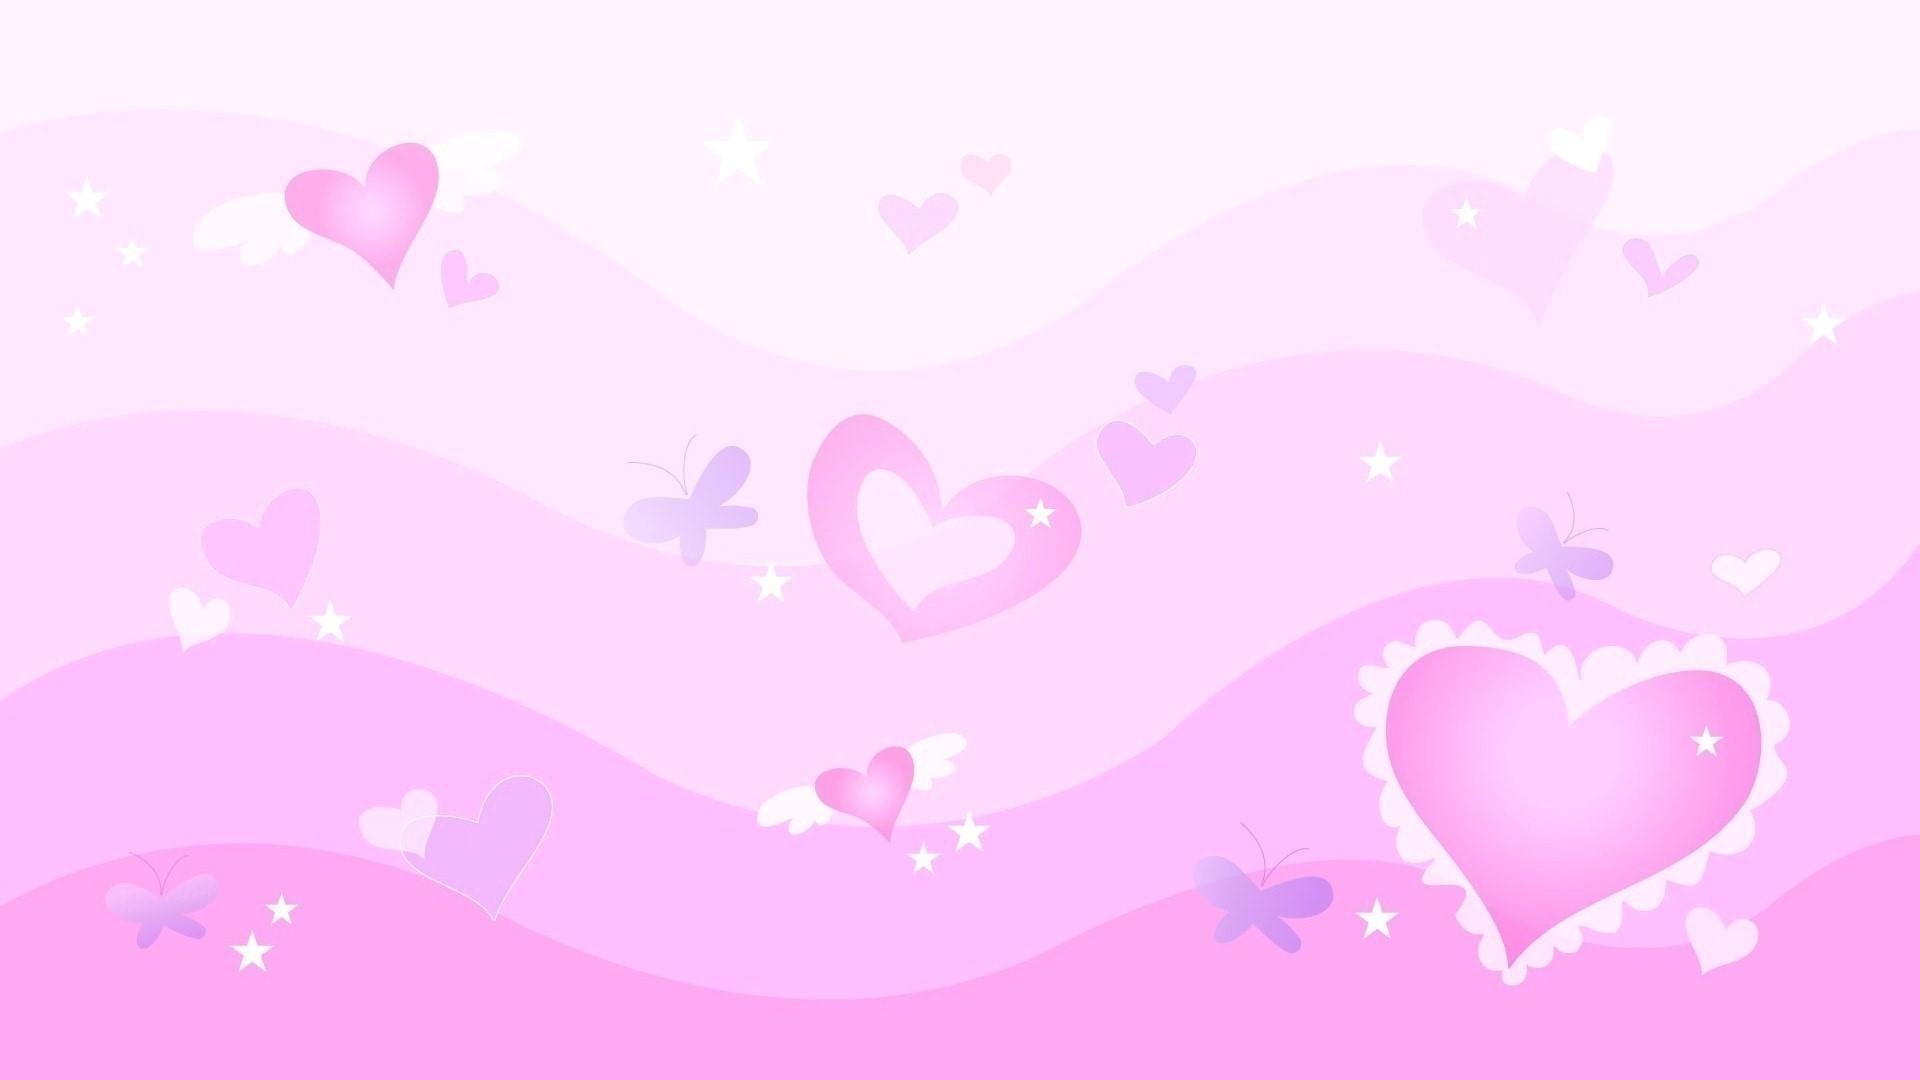 Pink Heart a wallpaper